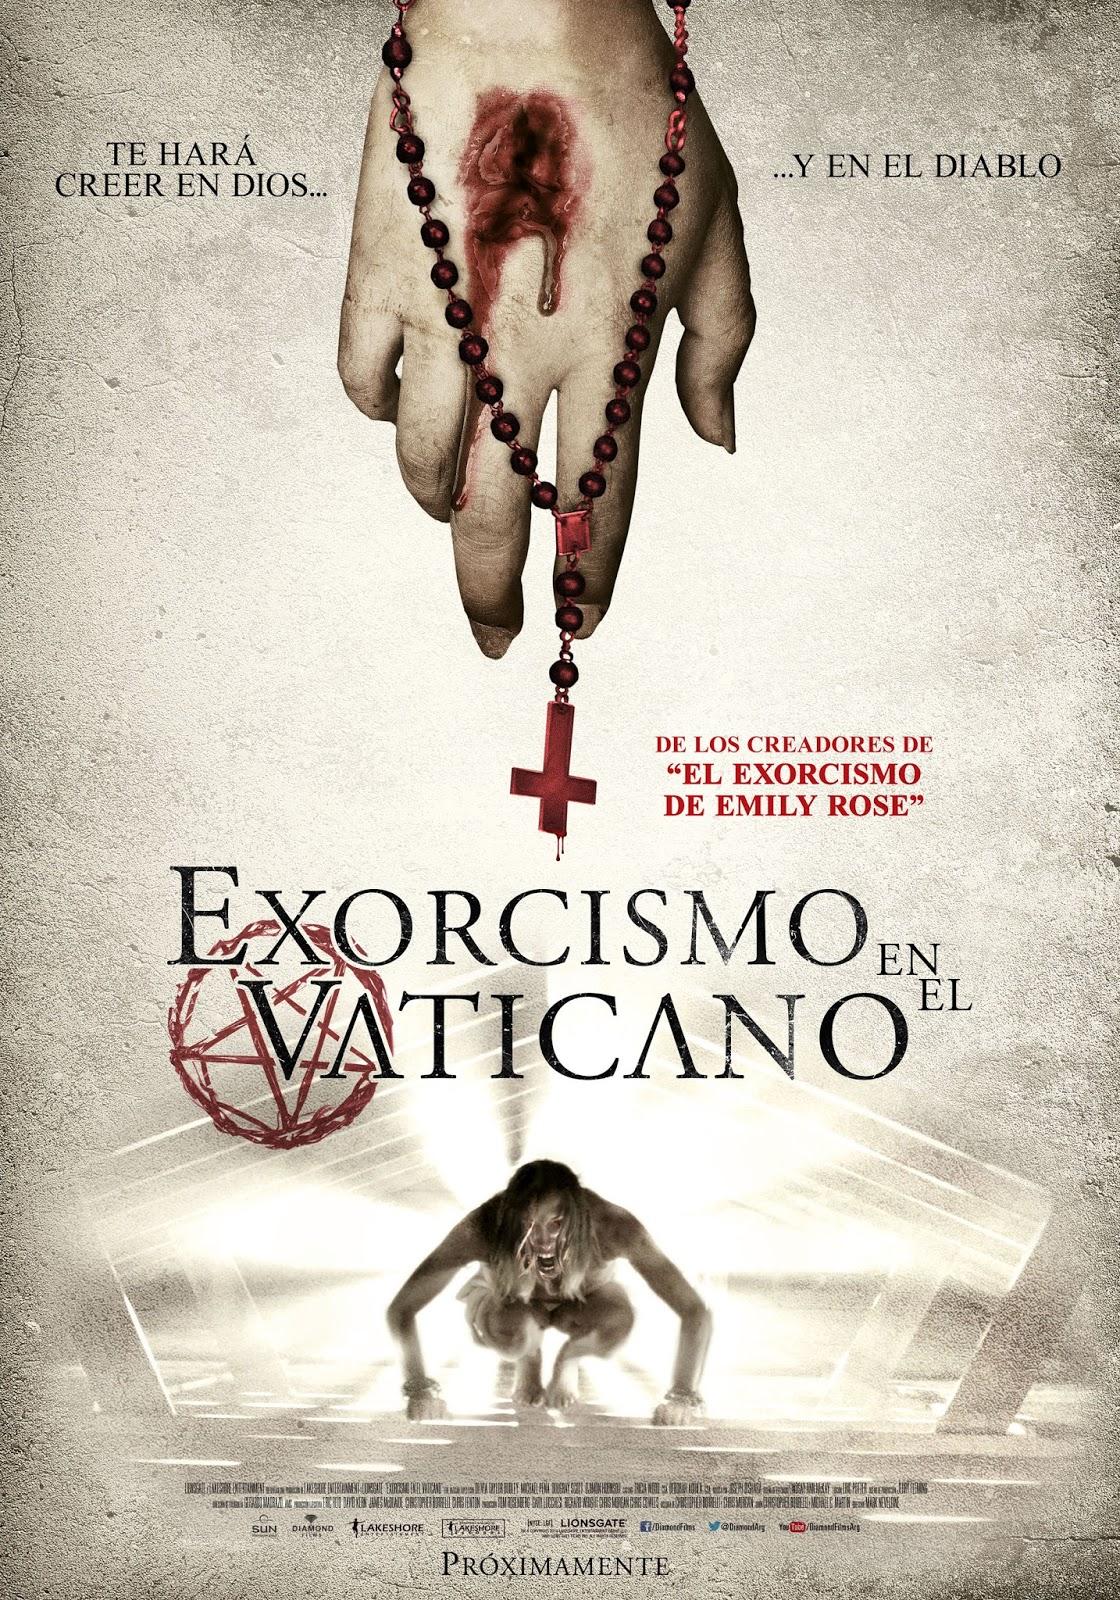 https://i0.wp.com/1.bp.blogspot.com/-klUcLpHGACQ/VXXMhvoMNgI/AAAAAAAAfJo/T0tzftLcgxA/s1600/Exorcismo_En_El_Vaticano_Poster_Latino_JPosters.jpg?resize=194%2C288